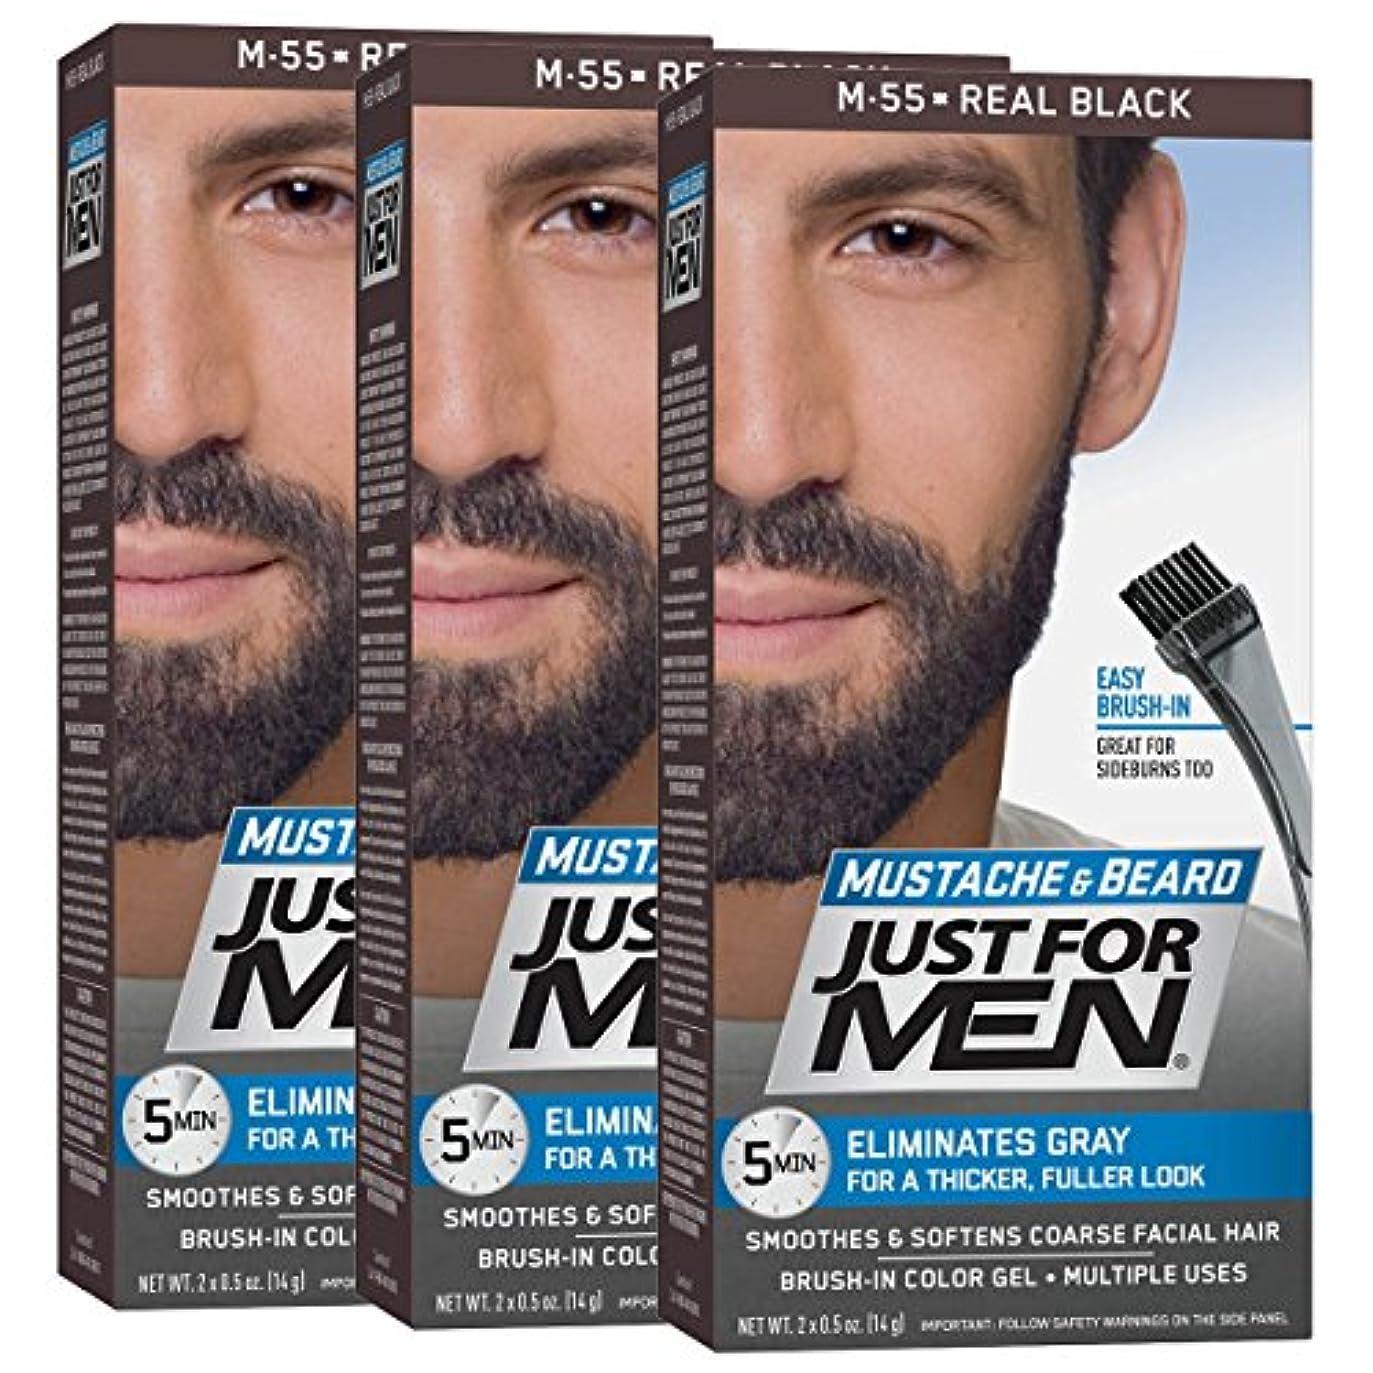 品種急ぐオートJust for Men 口ひげ&髭ブラシ-のカラージェル、レアル?ブラック(3パック、パッケージングは??変更になる場合があります)